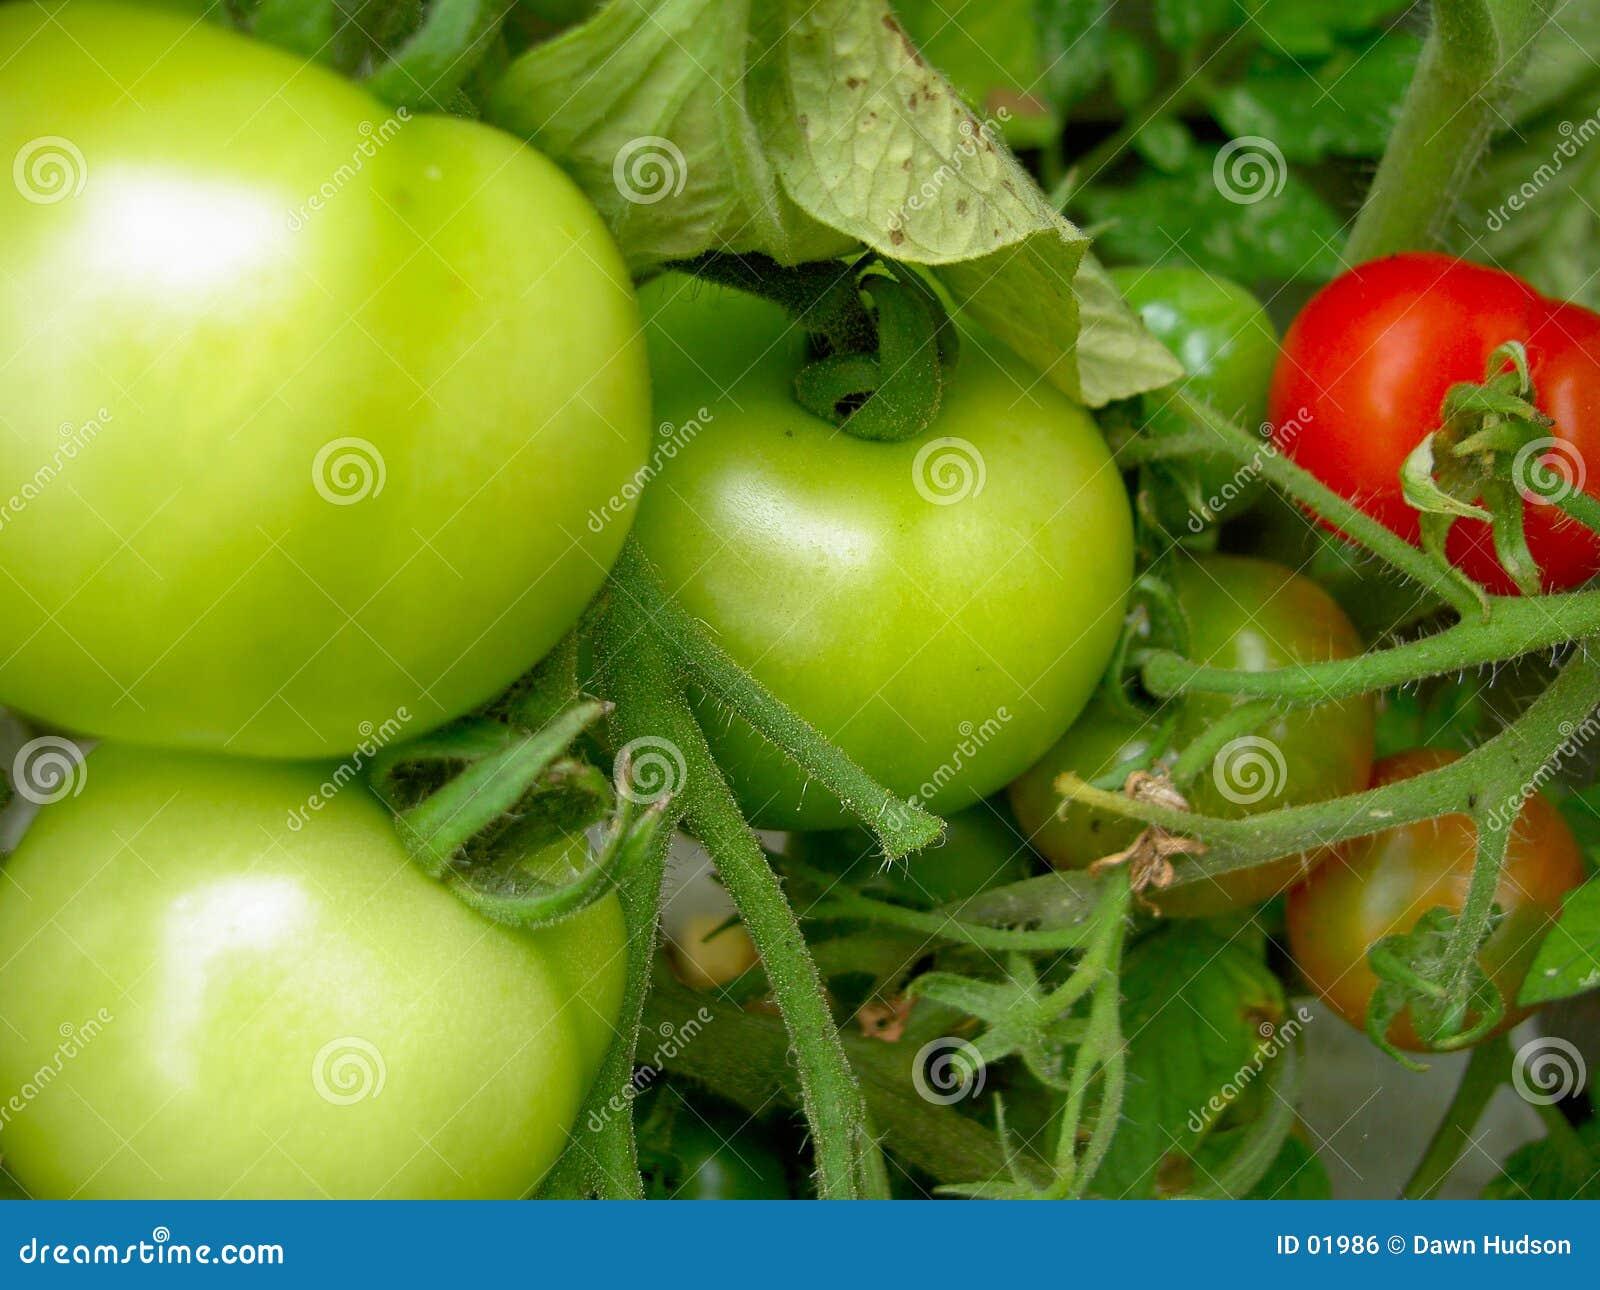 Unripe Tomato Plant